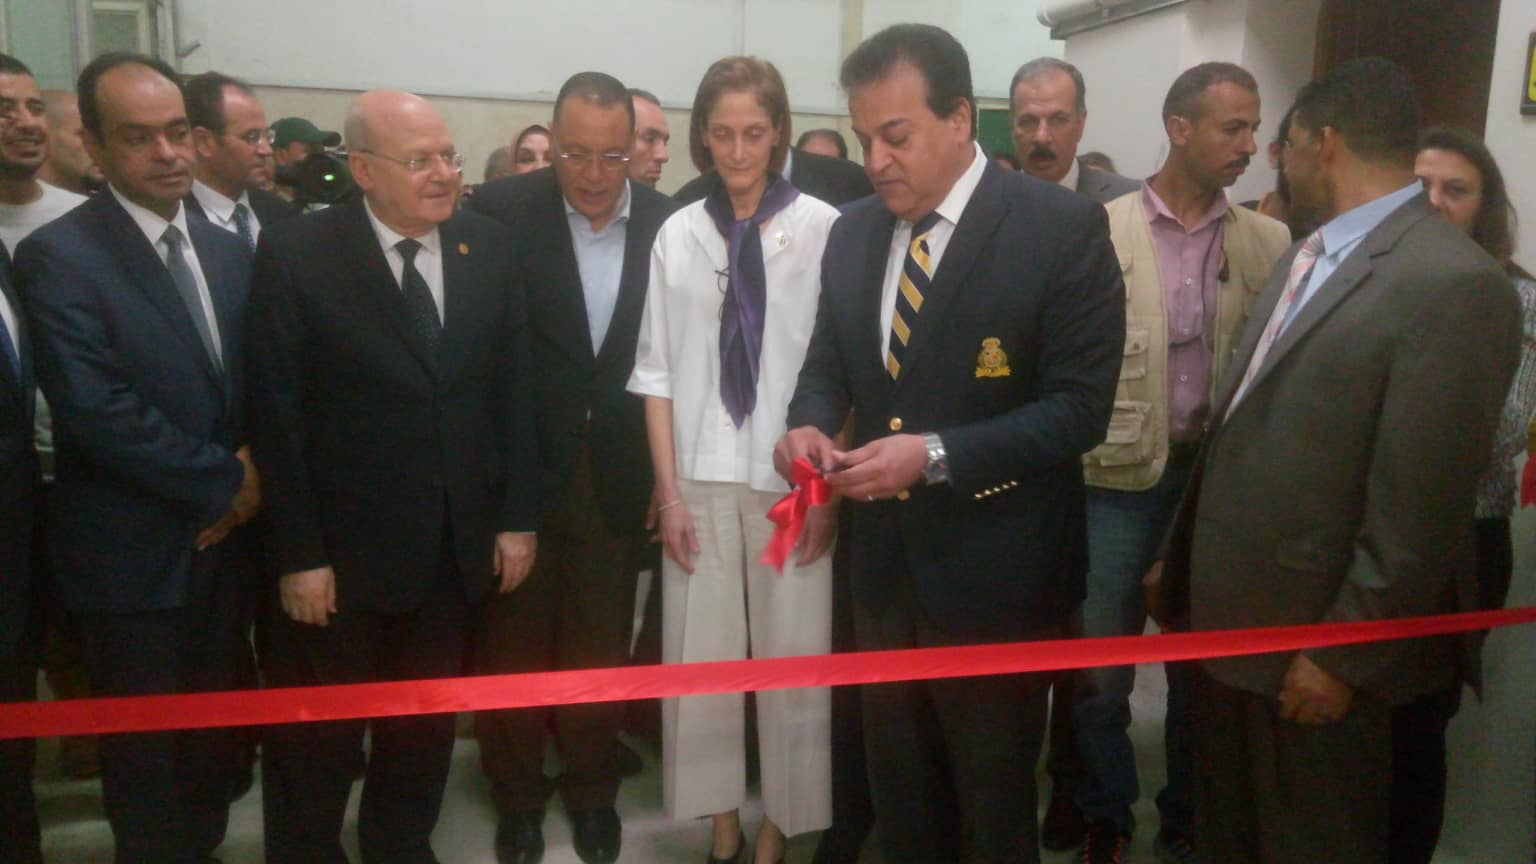 وزير التعليم العالي يشيد بمشروع المراكز الجامعية للتطوير المهني بجامعة الزقازيق